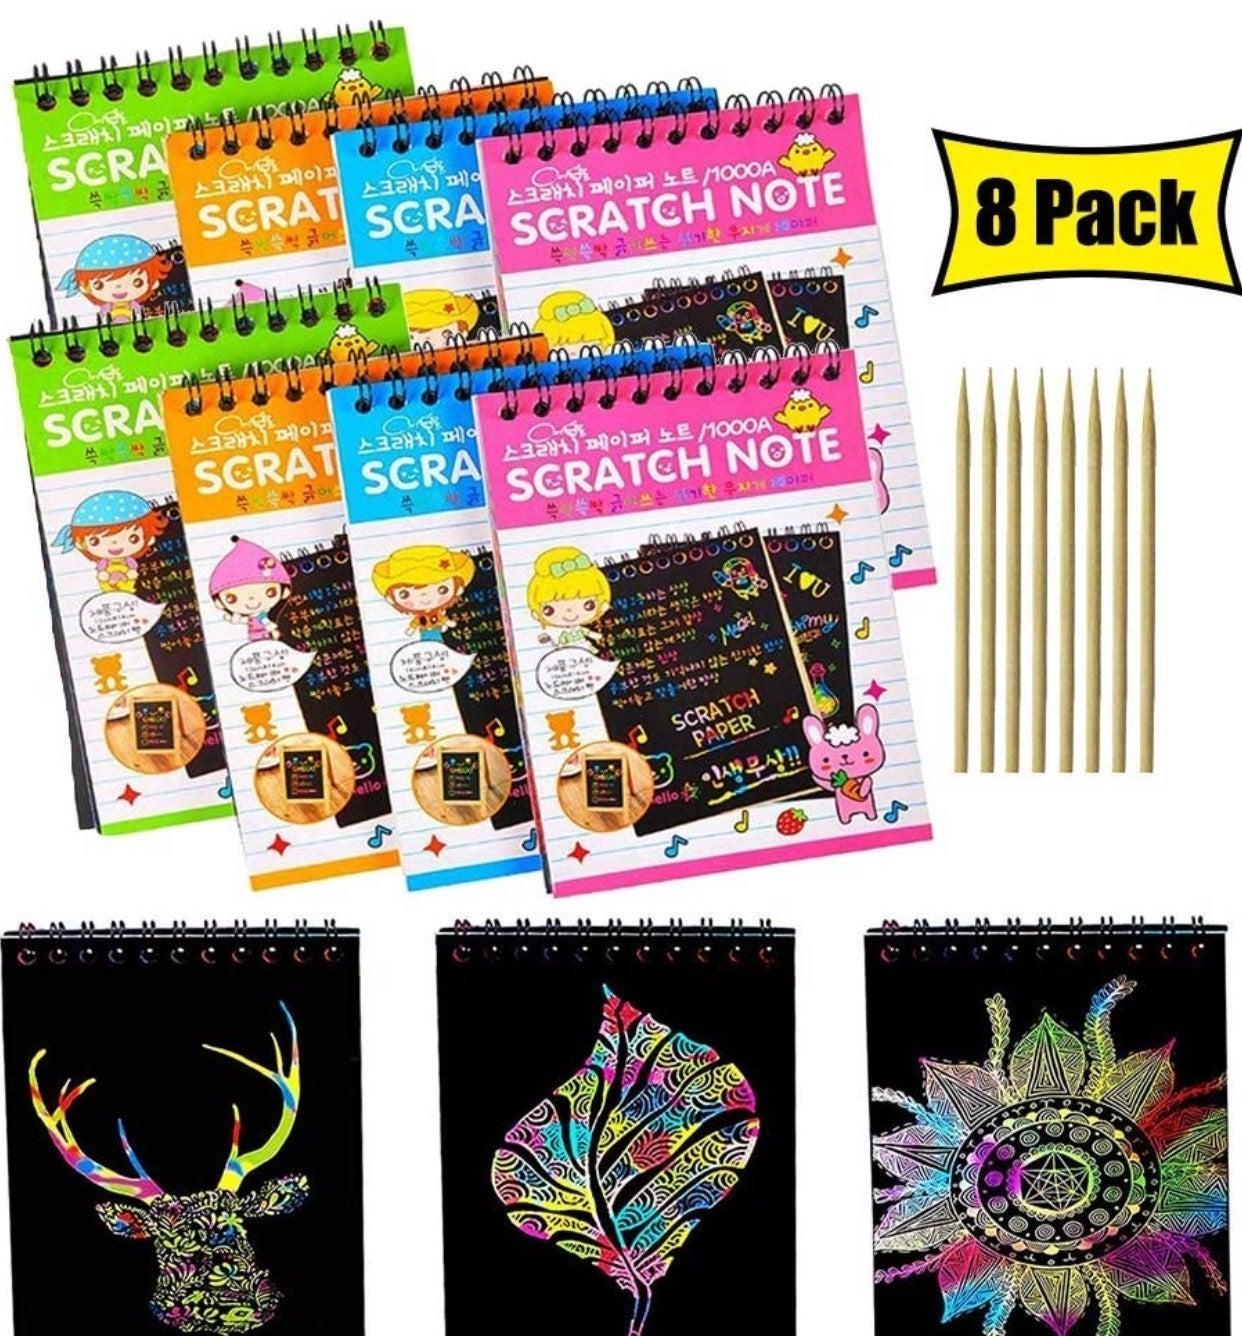 Scratch pad art (3 pack)